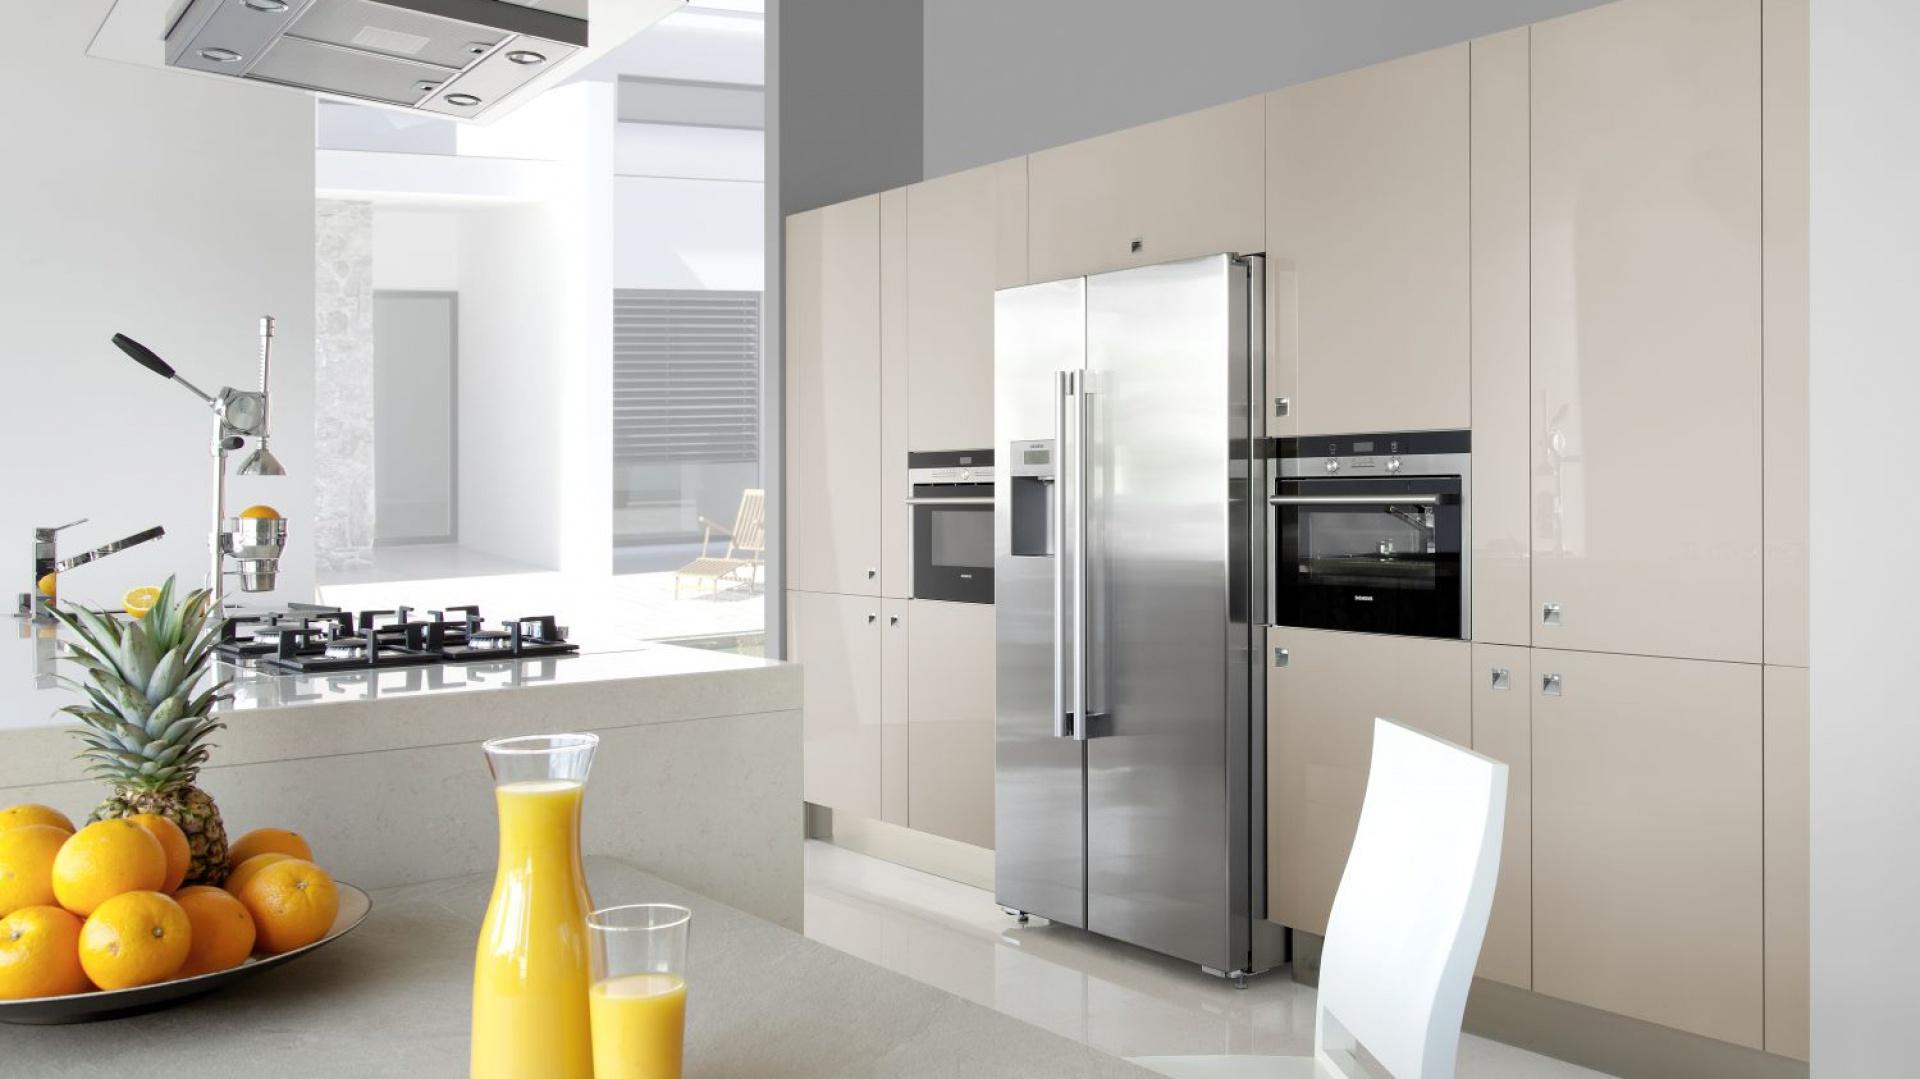 Wysoka zabudowa kuchenna wykończona w wysokim połysku i delikatnym beżowym kolorze zdaje się otulać stalową lodówkę typu side-by-side. Znalazło się również miejsce na inne sprzęty AGD. Fot. WFM Kuchnie, kuchnia Riflesso Spizzare.